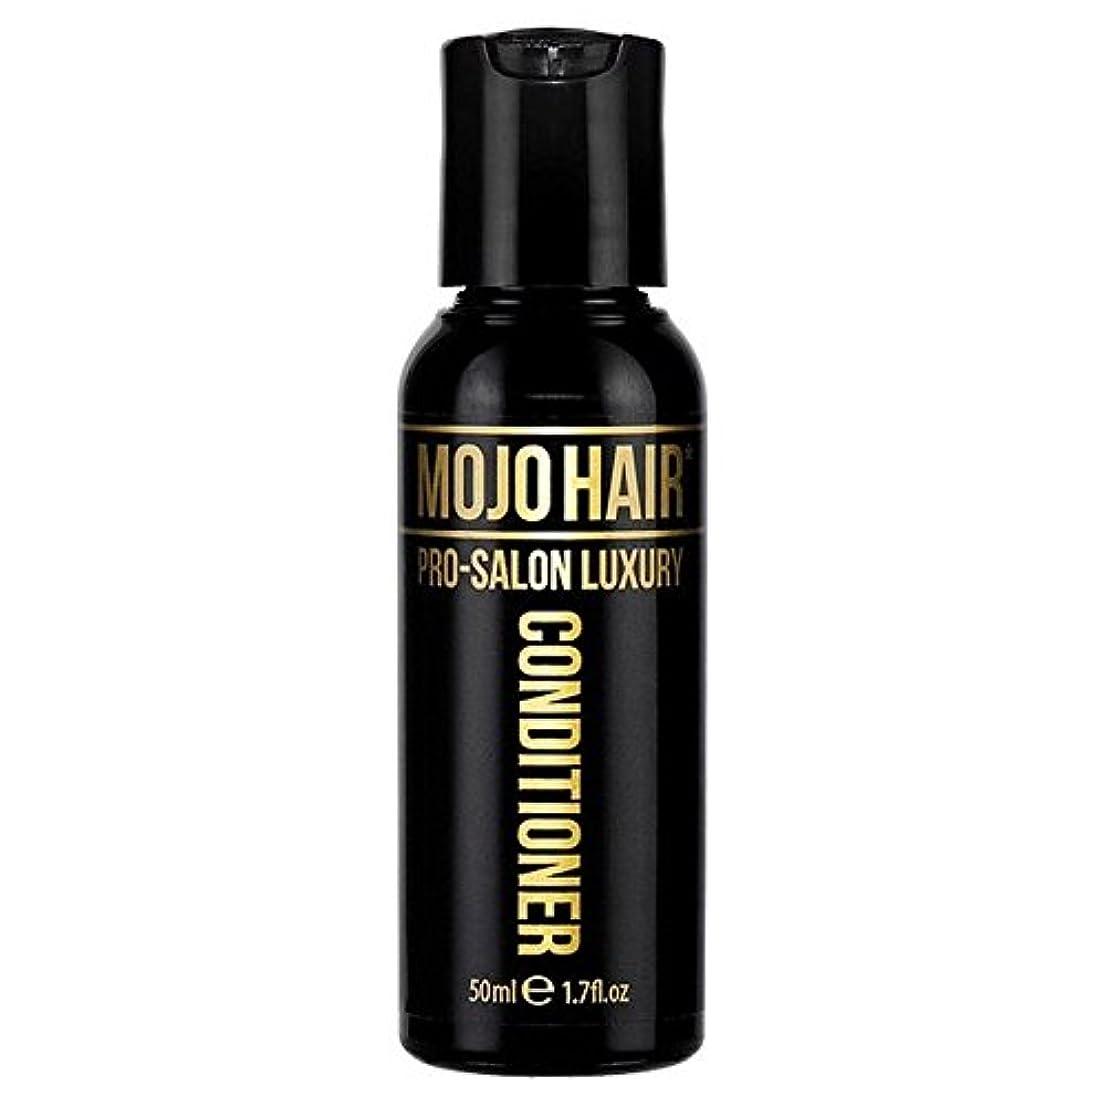 スラッシュ喪学校男性のためのモジョの毛プロのサロンの贅沢な香りコンディショナー、トラベルサイズの50ミリリットル x2 - MOJO HAIR Pro-Salon Luxury Fragrance Conditioner for Men, Travel Size 50ml (Pack of 2) [並行輸入品]